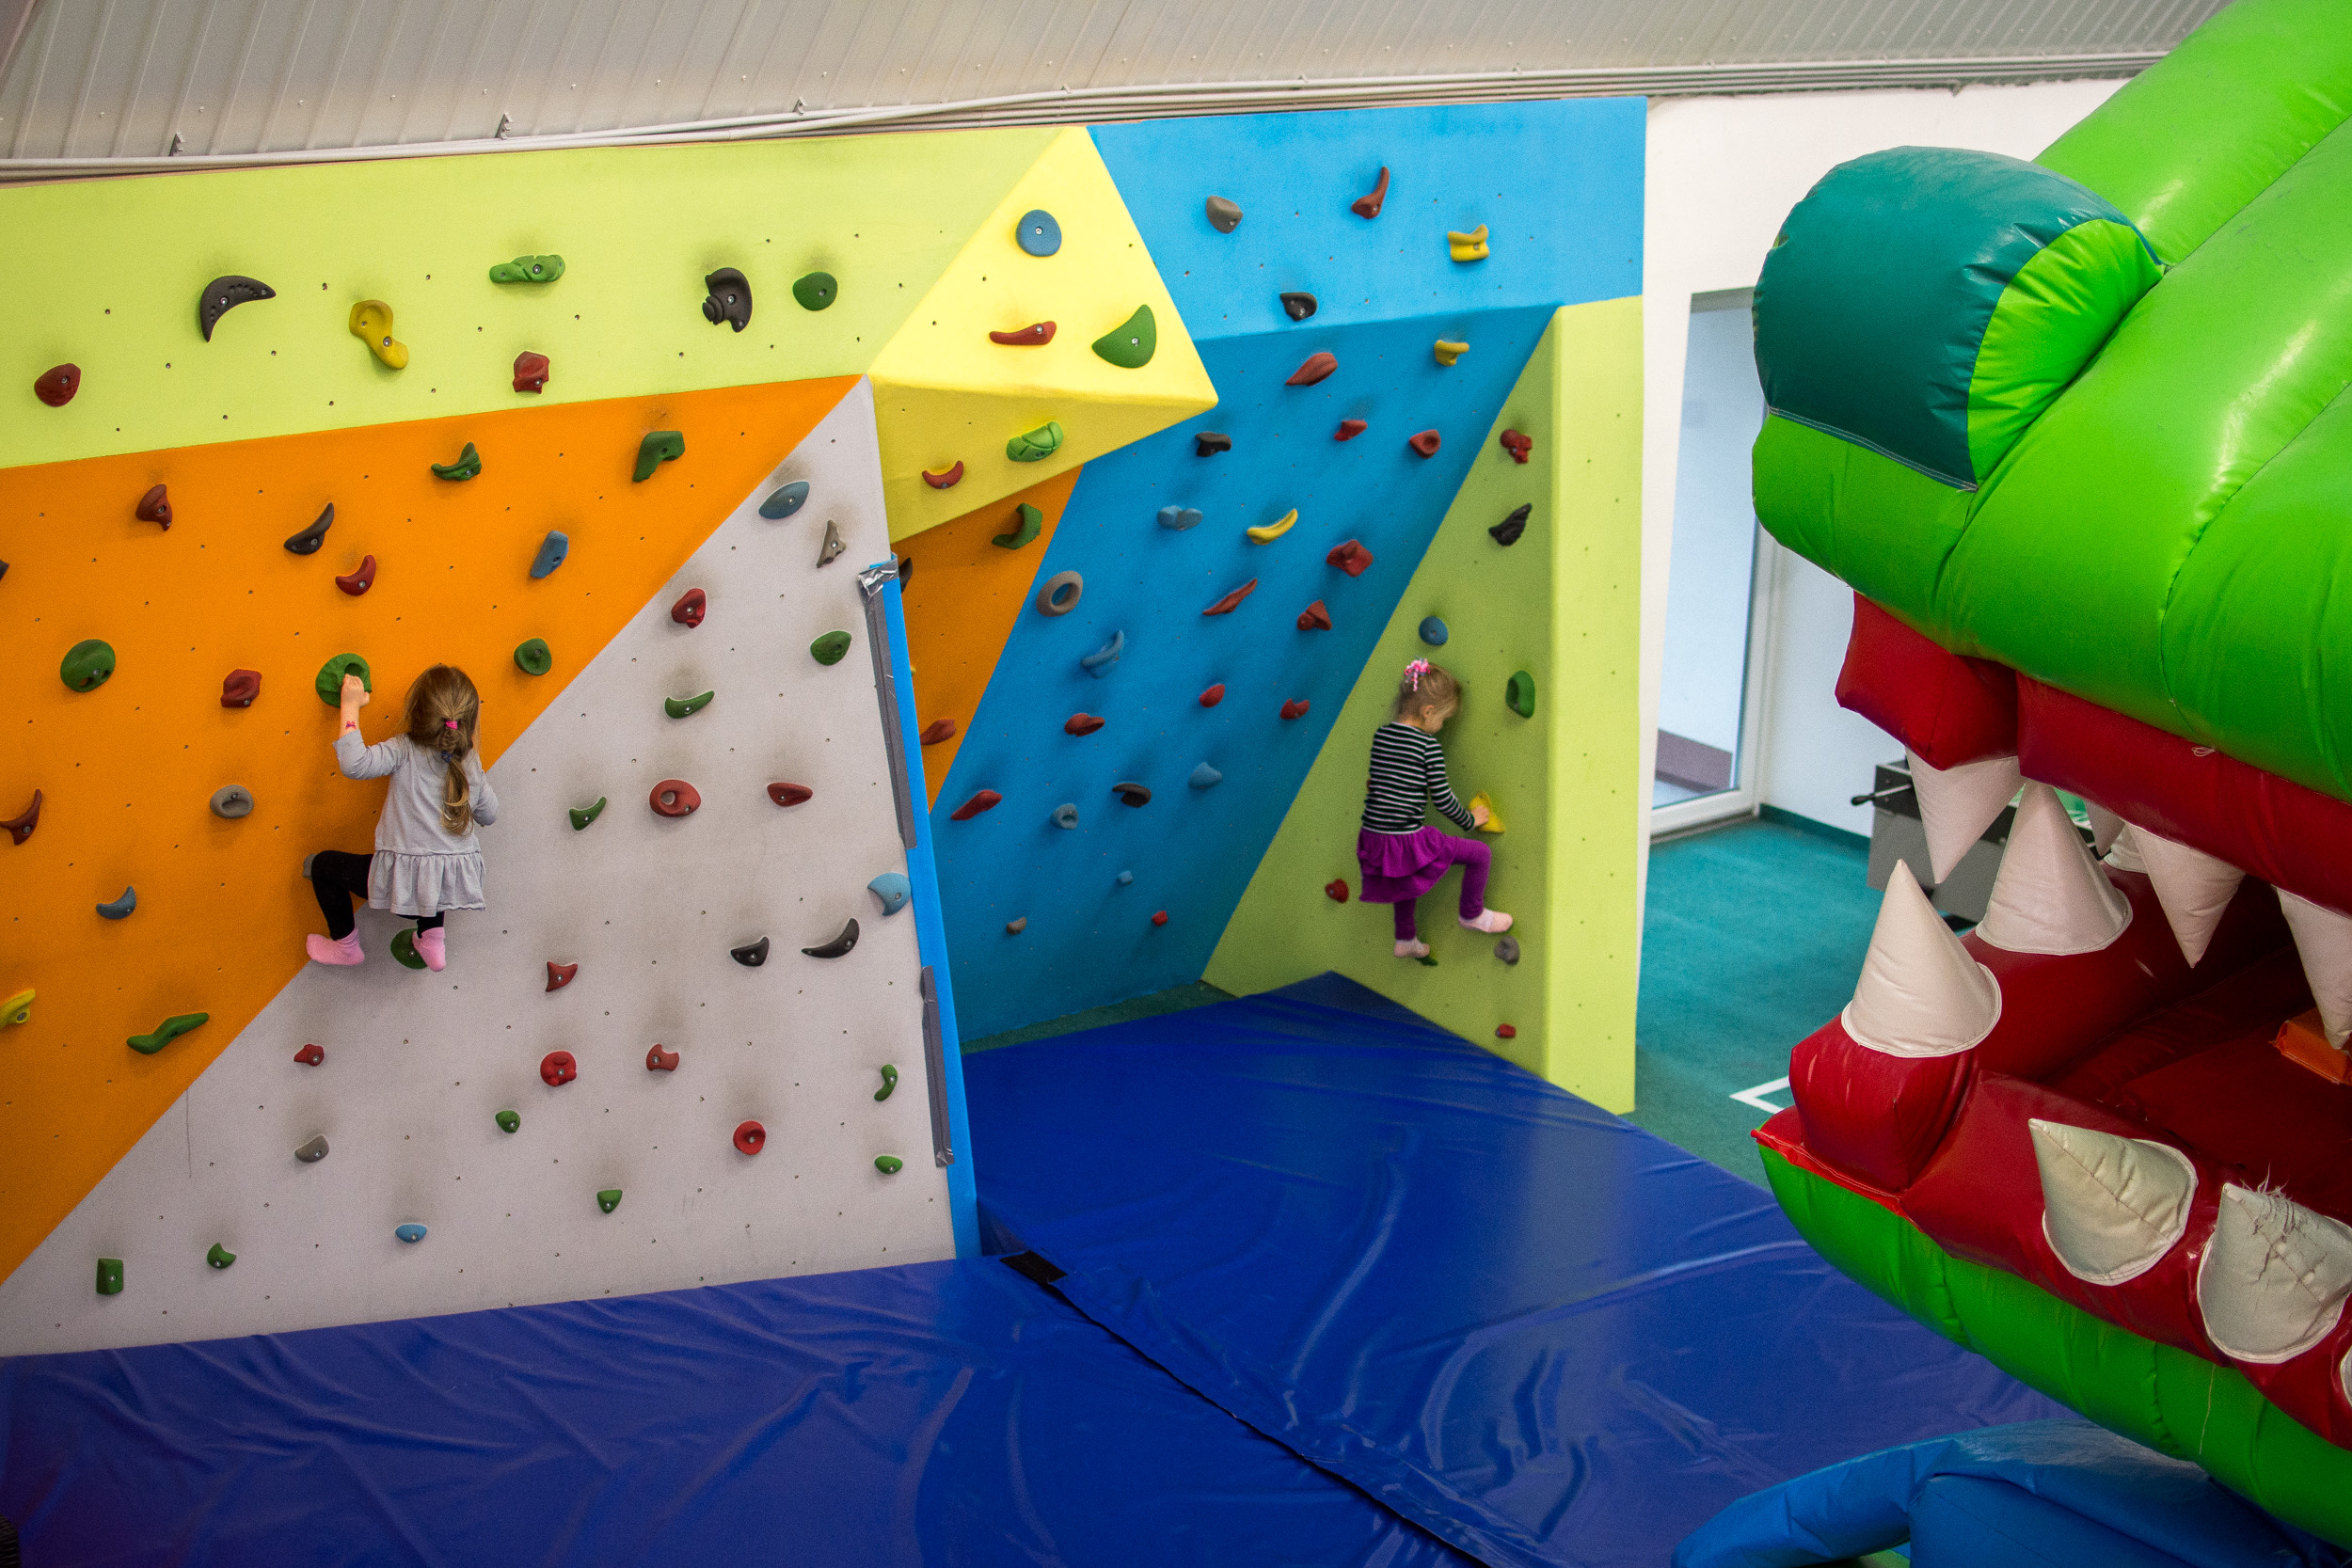 Lezecká stena Lozia vaše deti neustále kade tade? Vezmite ich na lezeckú stenu do Jungle parku, kde sa parádne zabavia a aktívne vyžijú. Naša lezecká stena ponúka viacero trás a stupňov náročnosti pre malých aj väčších lezcov.